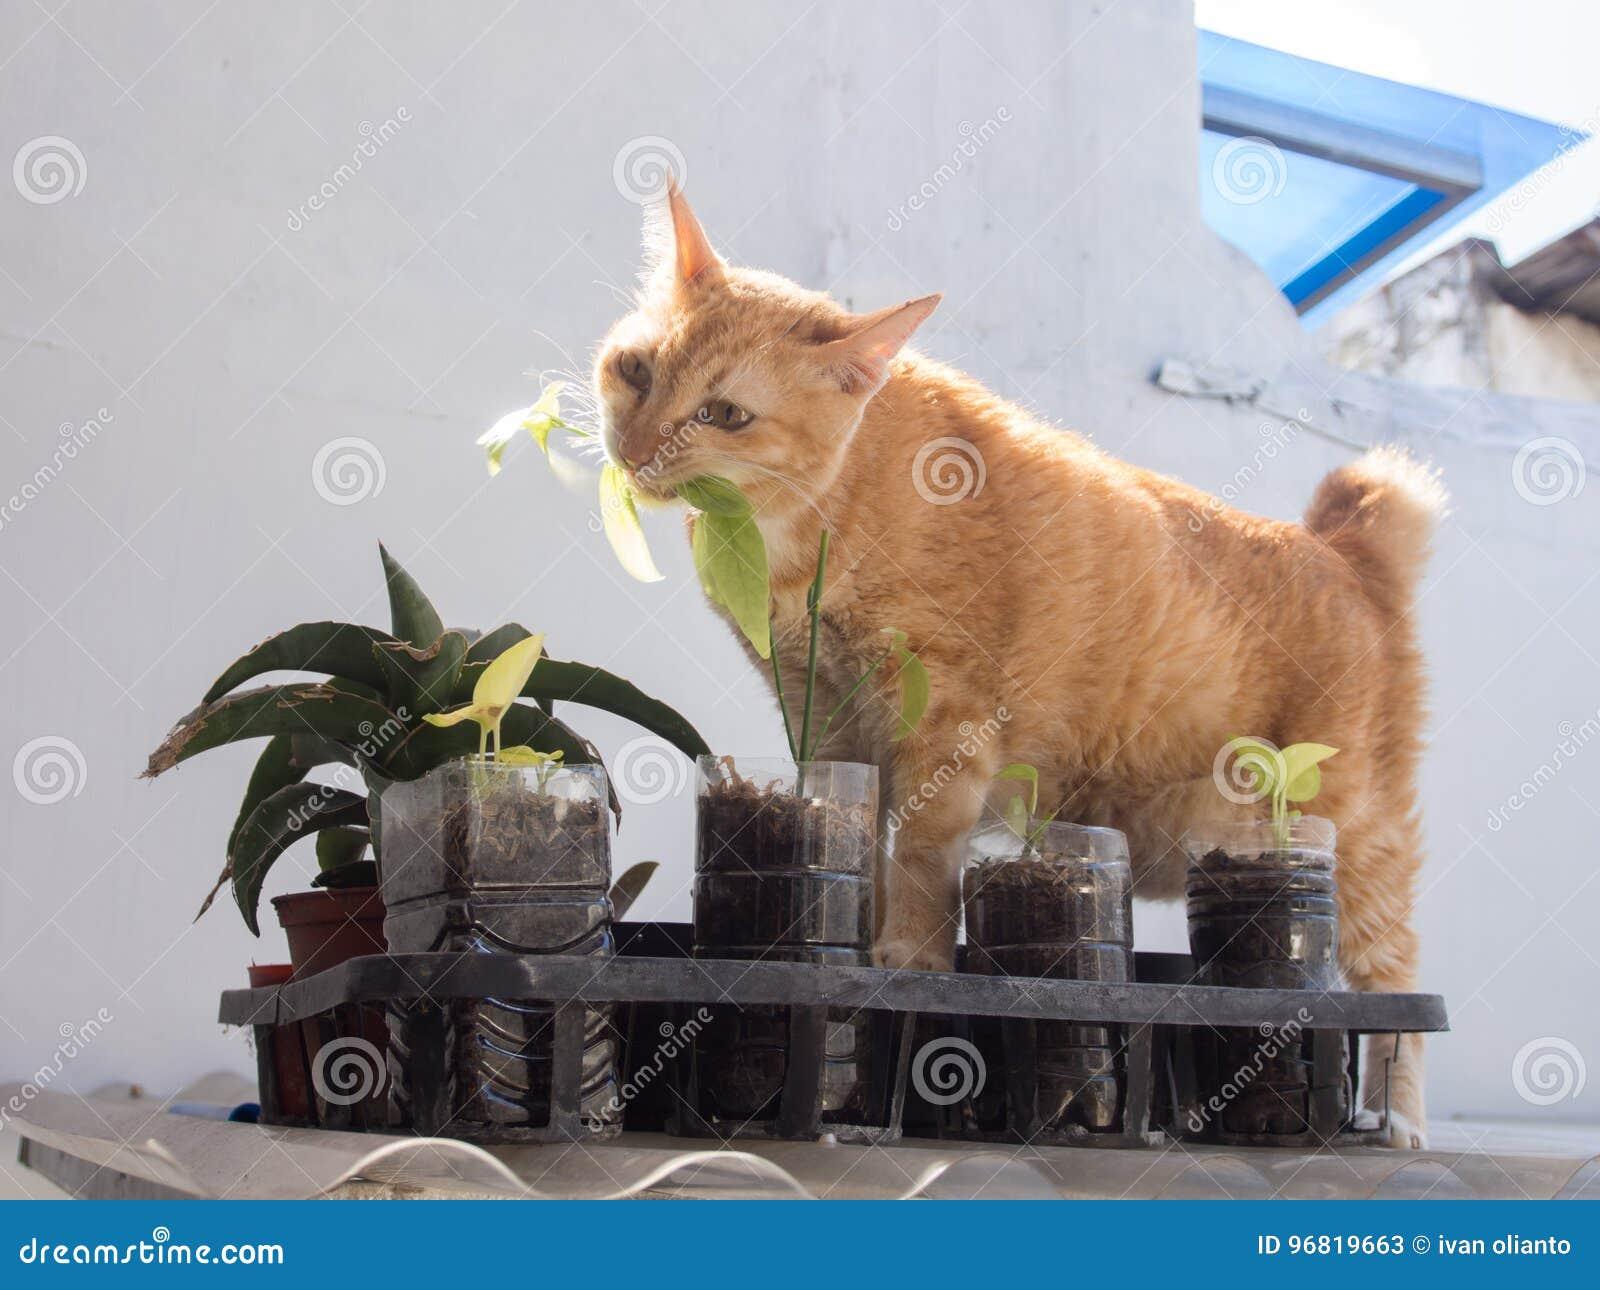 Ginger Cat Eating Leaf